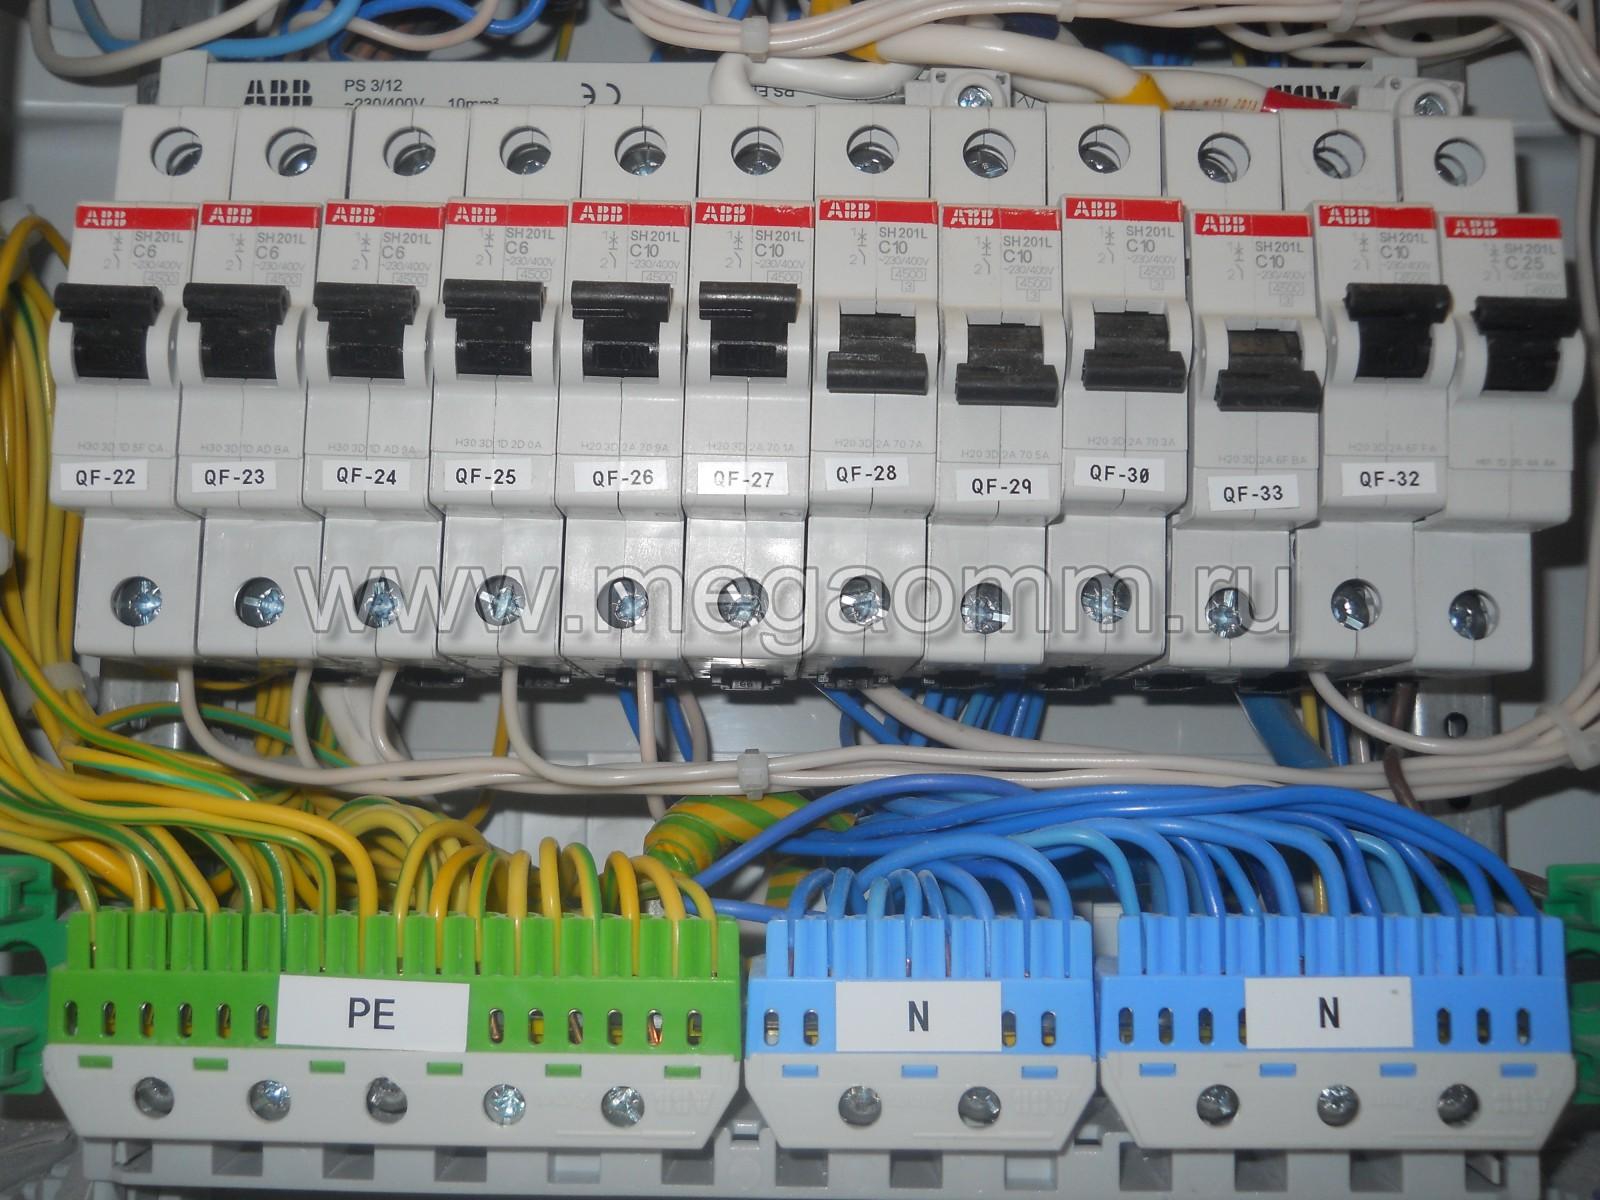 Замер сопротивления изоляции электропроводки периодичность